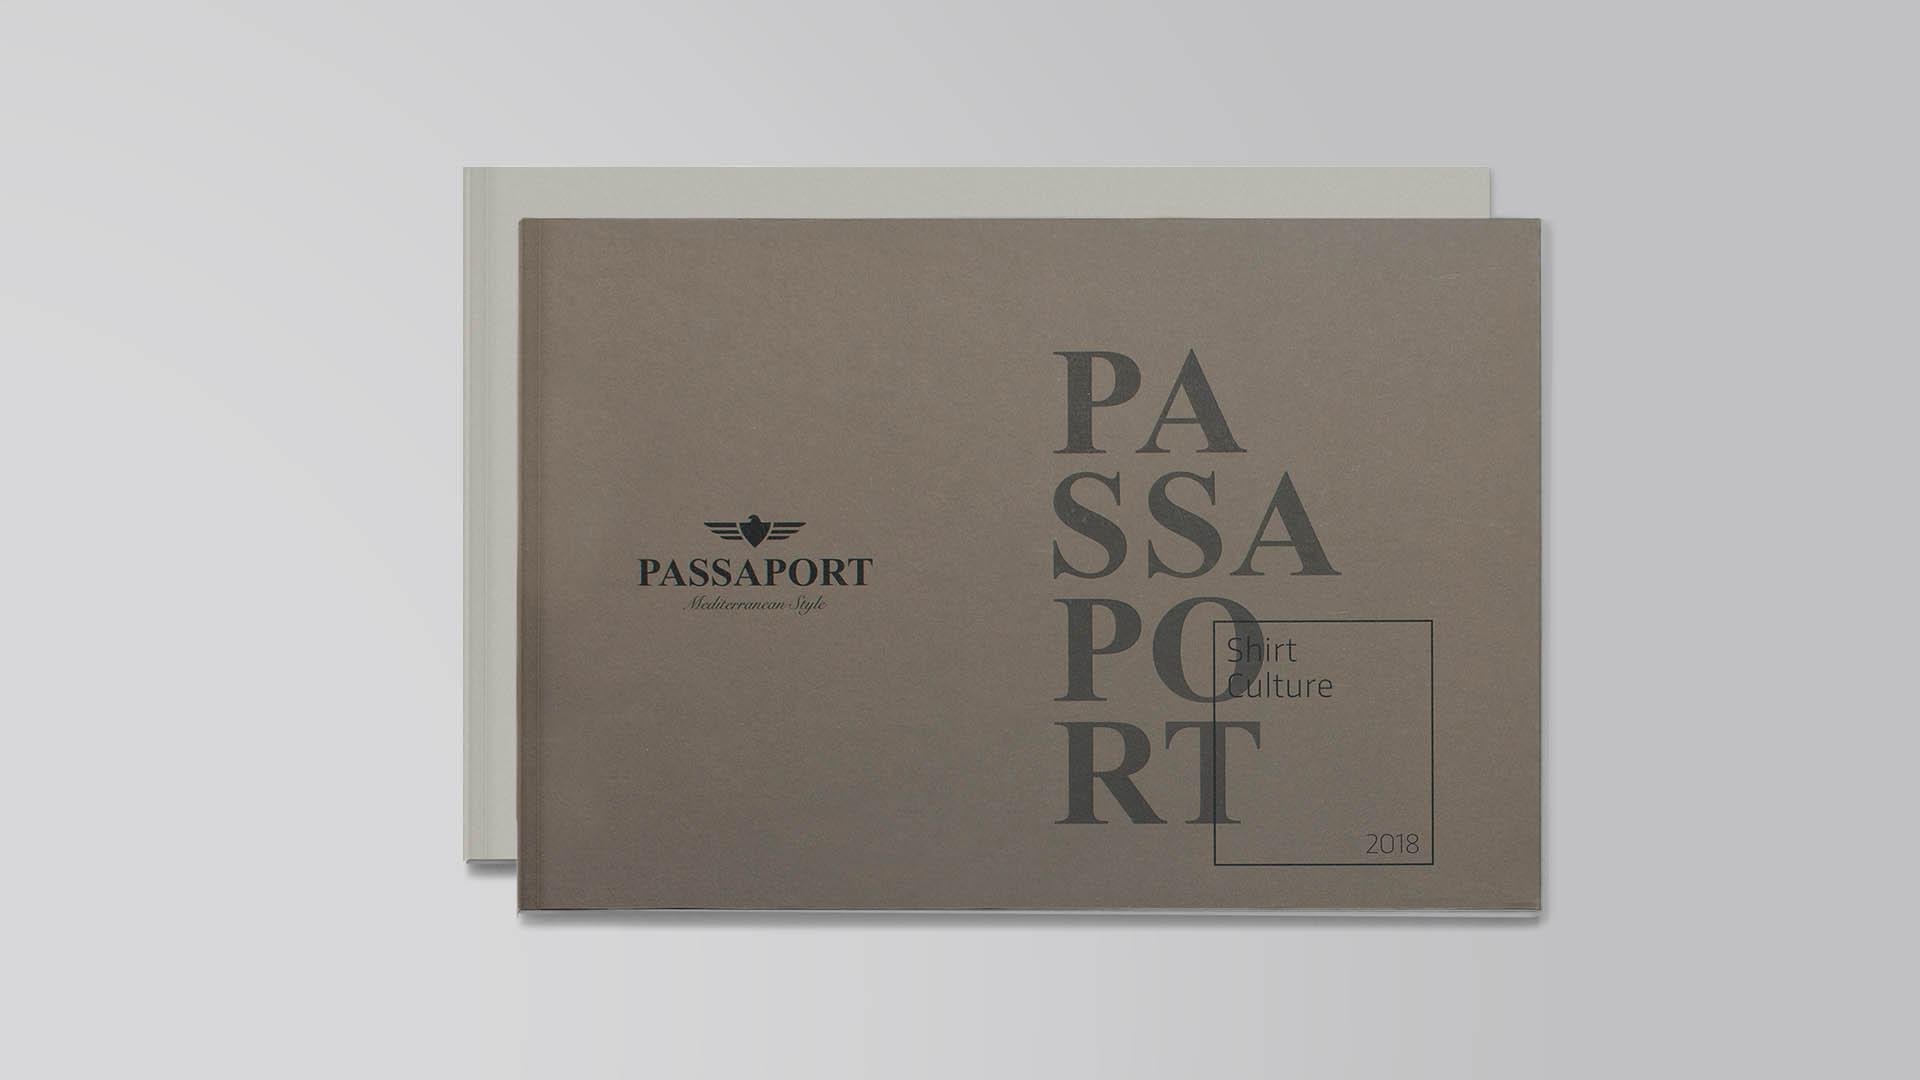 Passaport